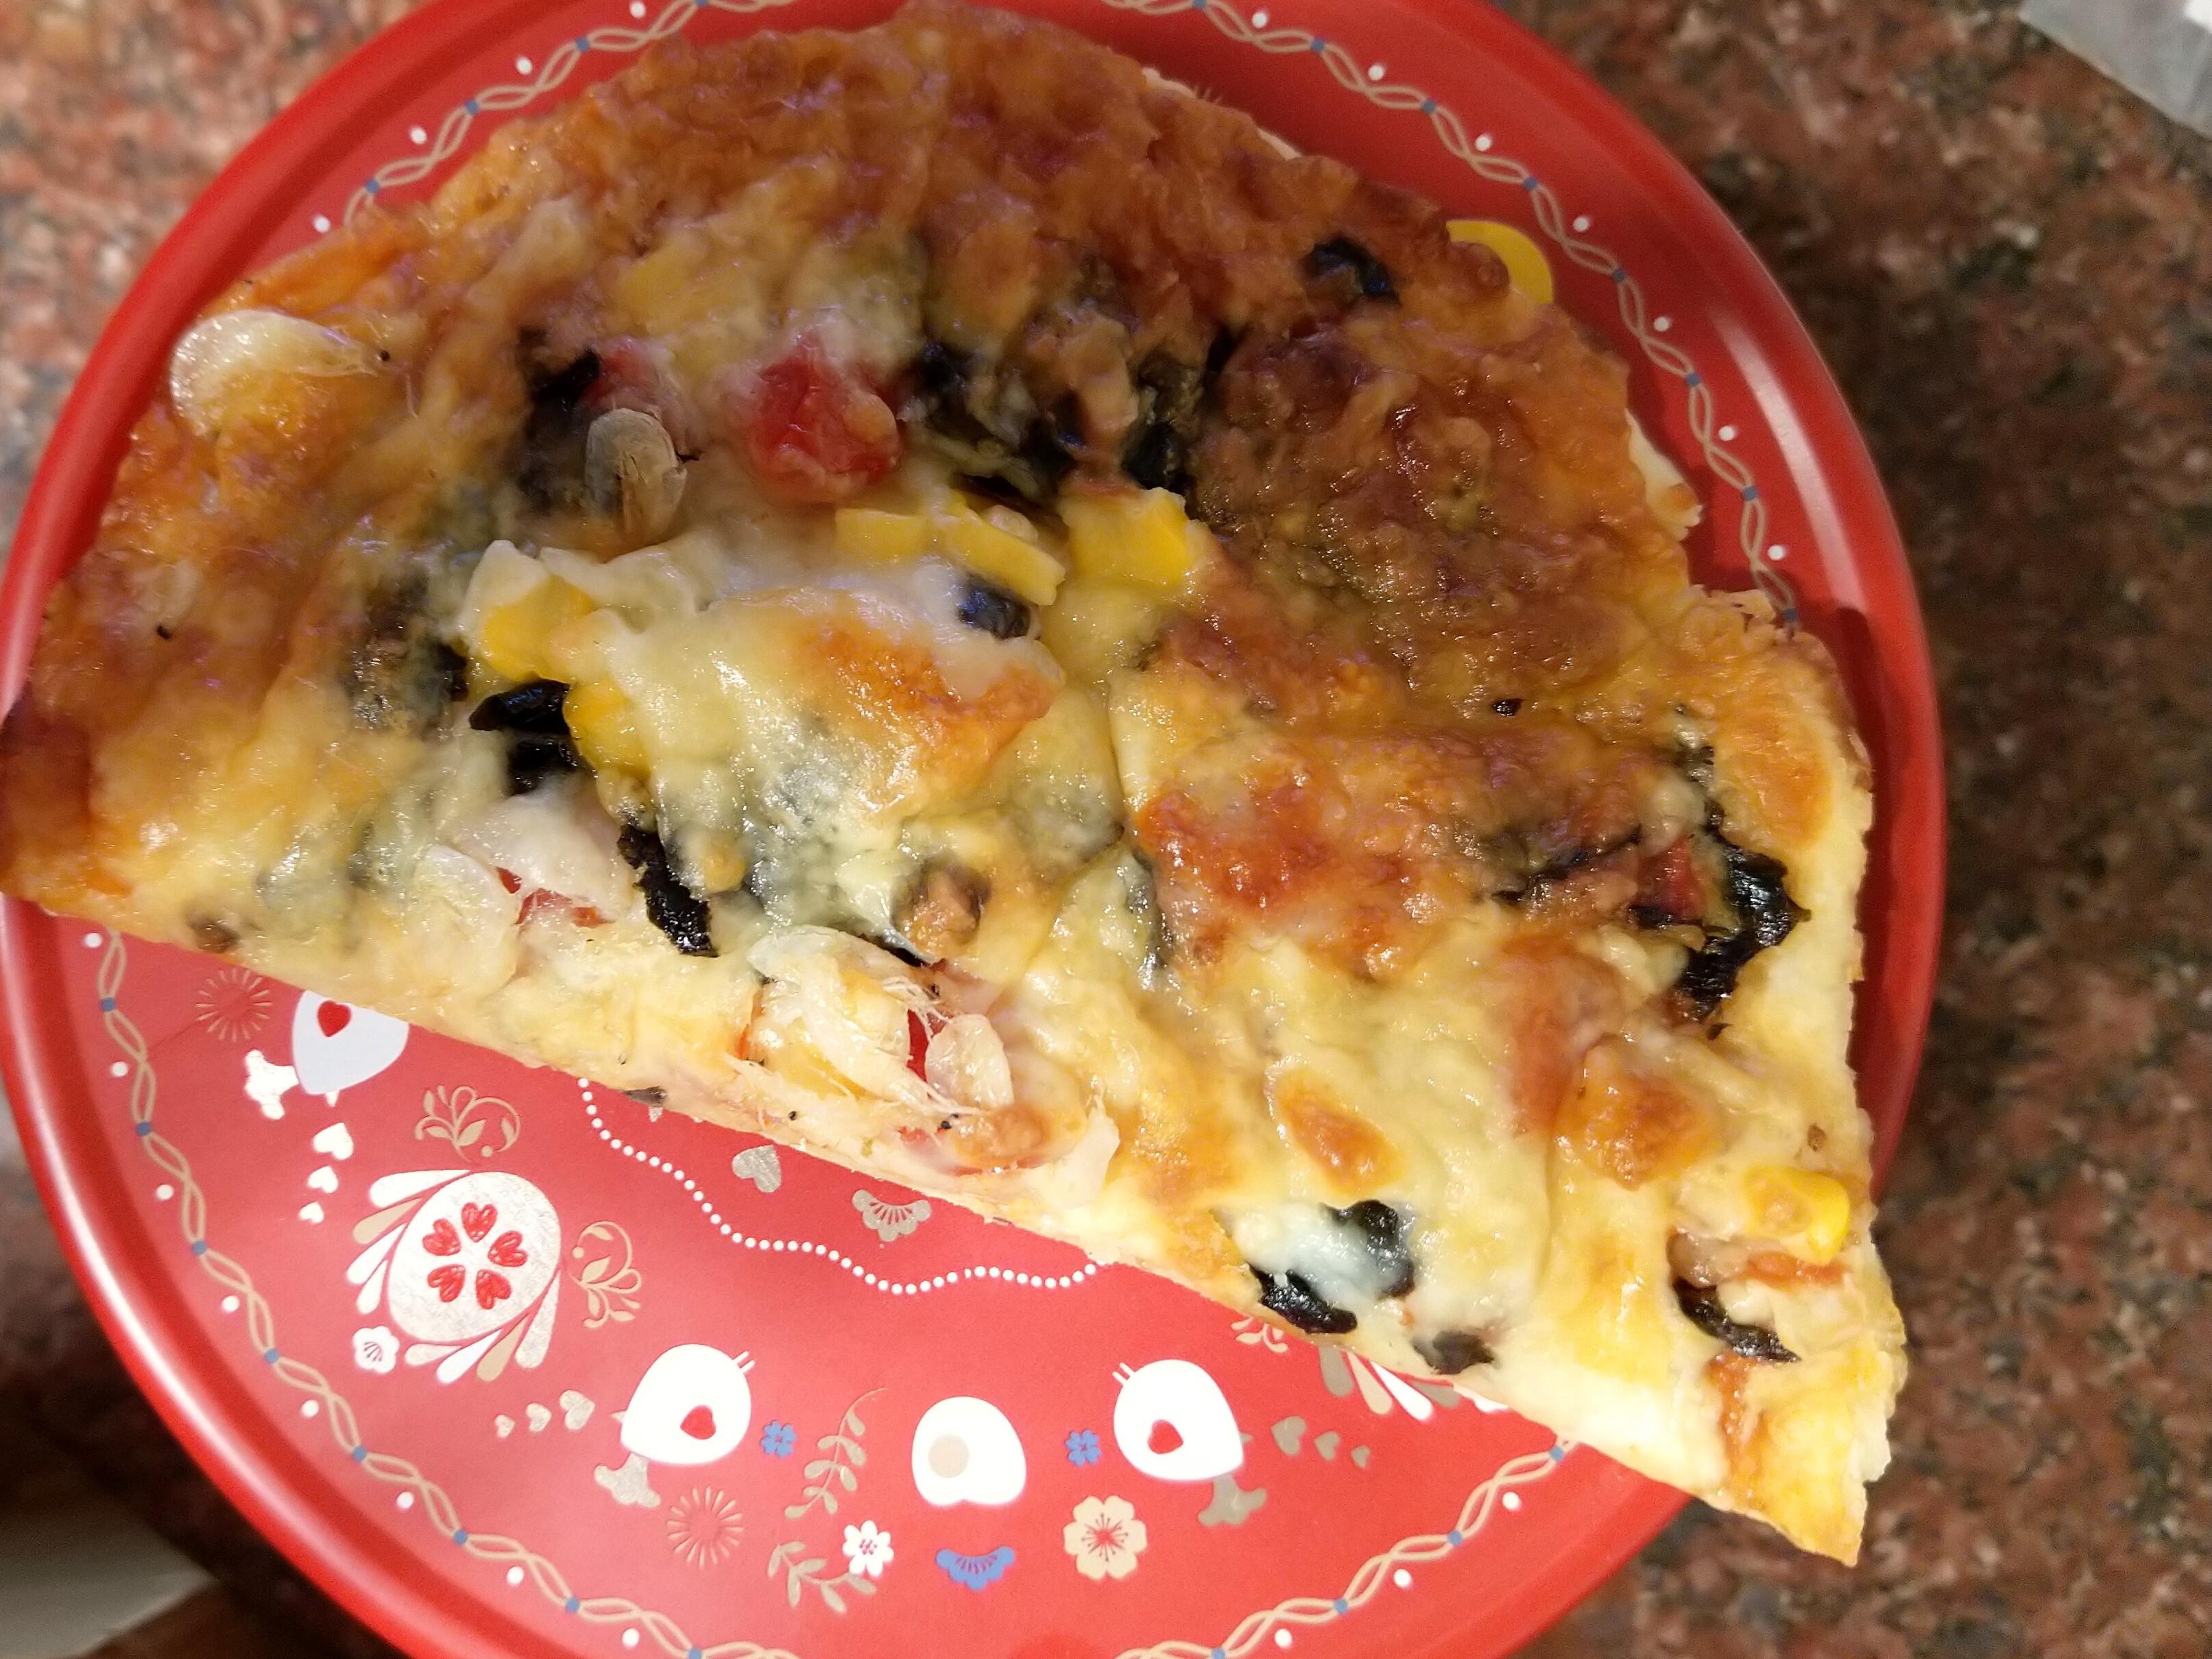 自製pizza 好玩又好吃!